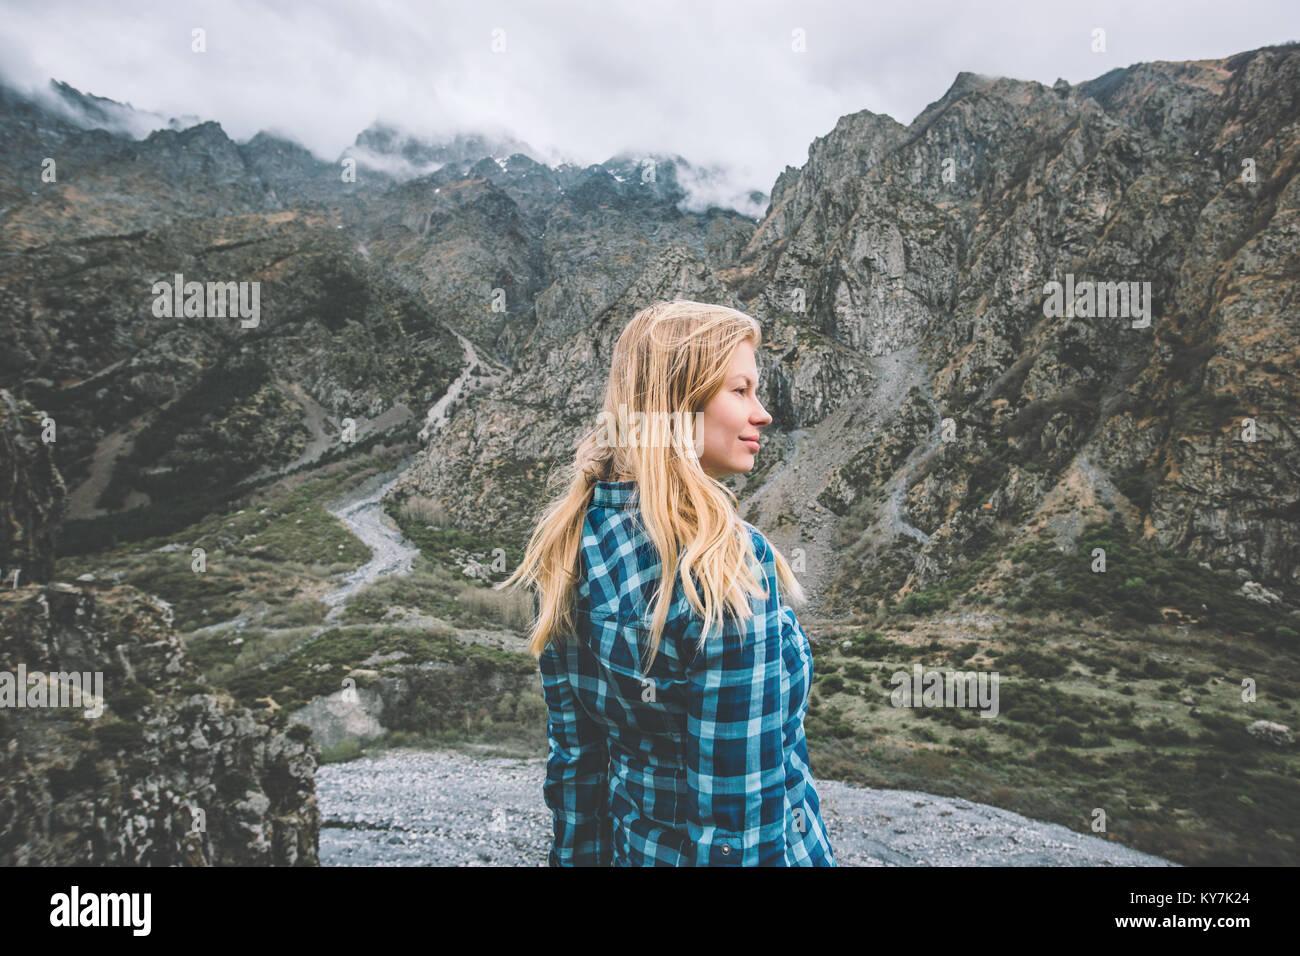 Mujer turista viajando en las montañas brumosas concepto de estilo de vida al aire libre vacaciones de aventura Imagen De Stock